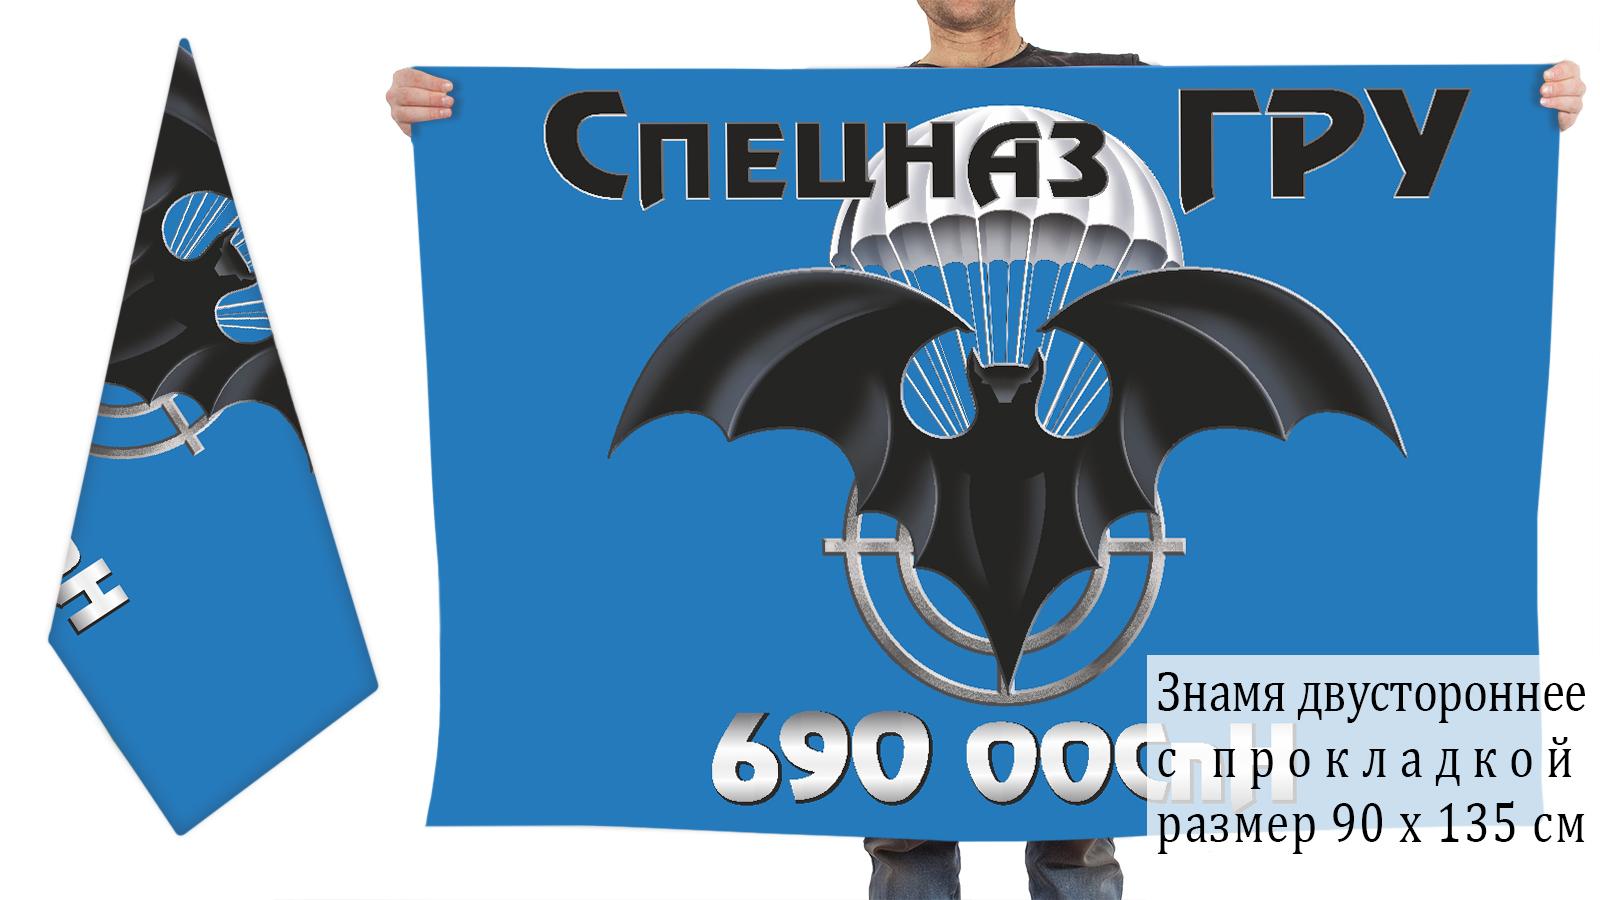 Двусторонний флаг 690 ООСпН спецназа ГРУ